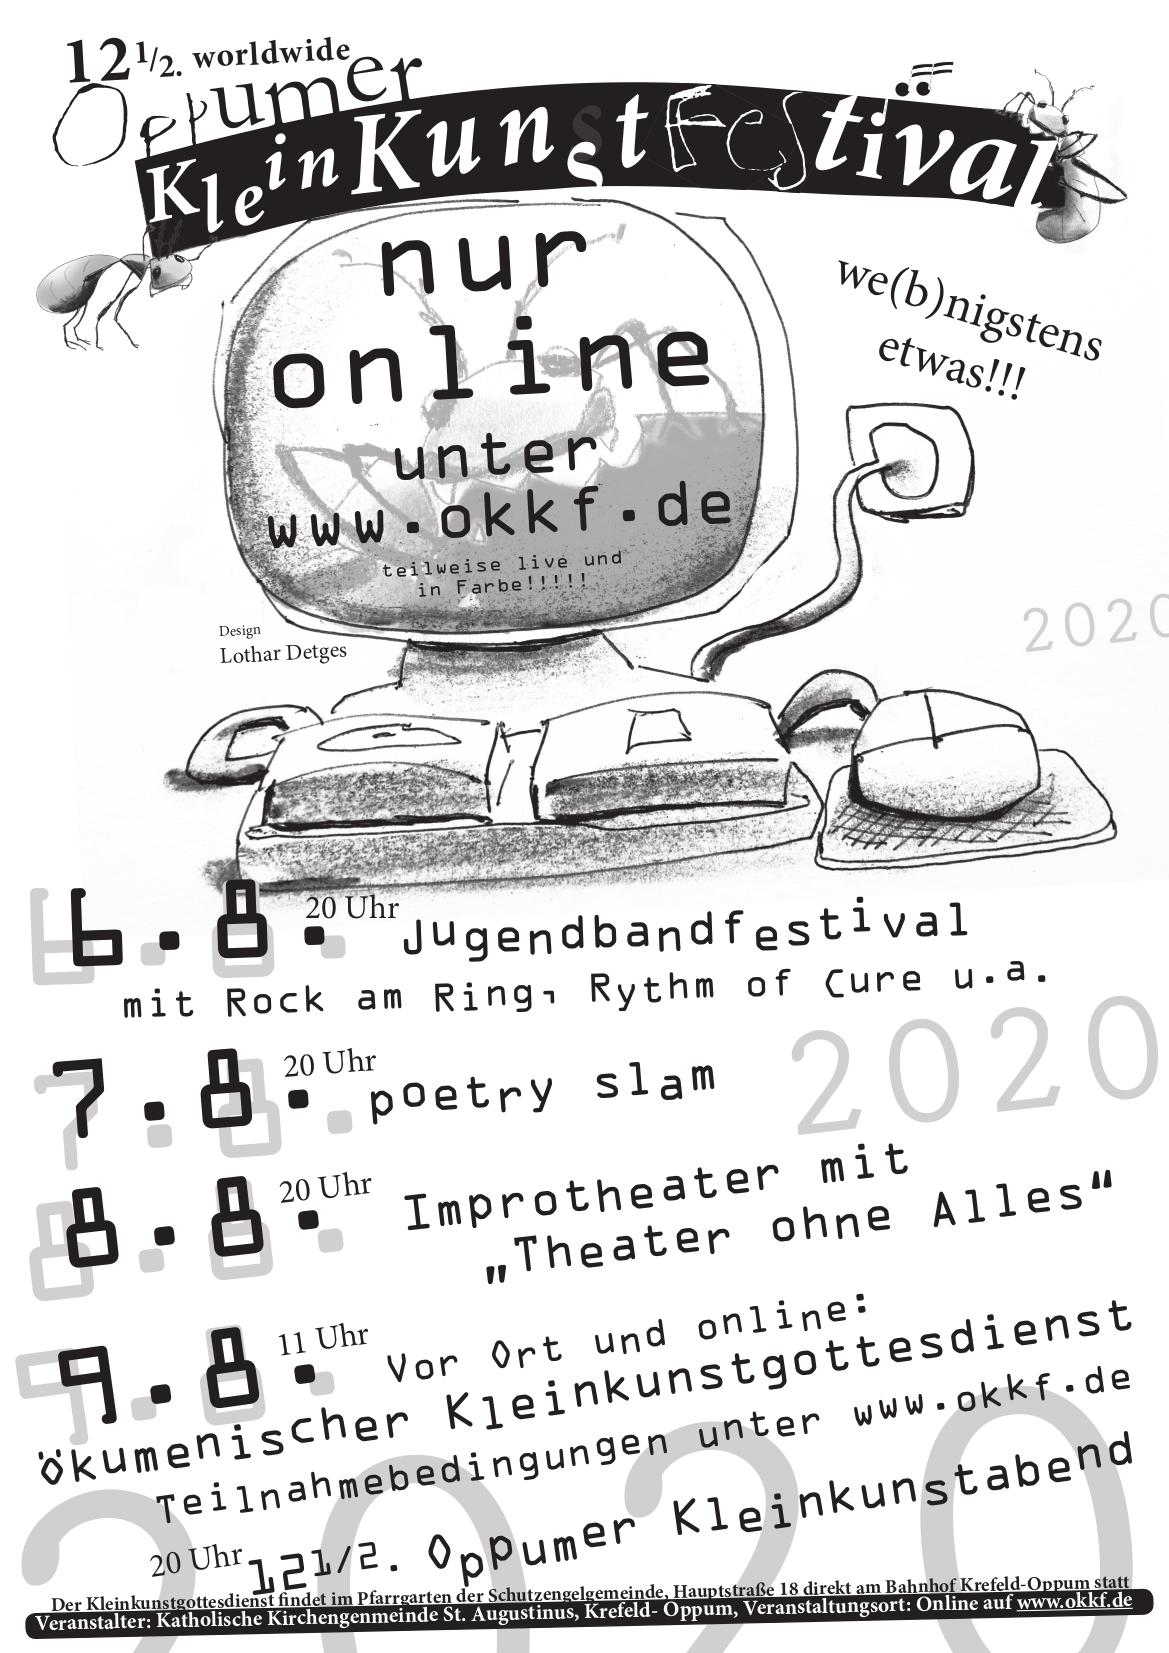 Das Plakat des Oppumer Kleinkunstfestival 2020